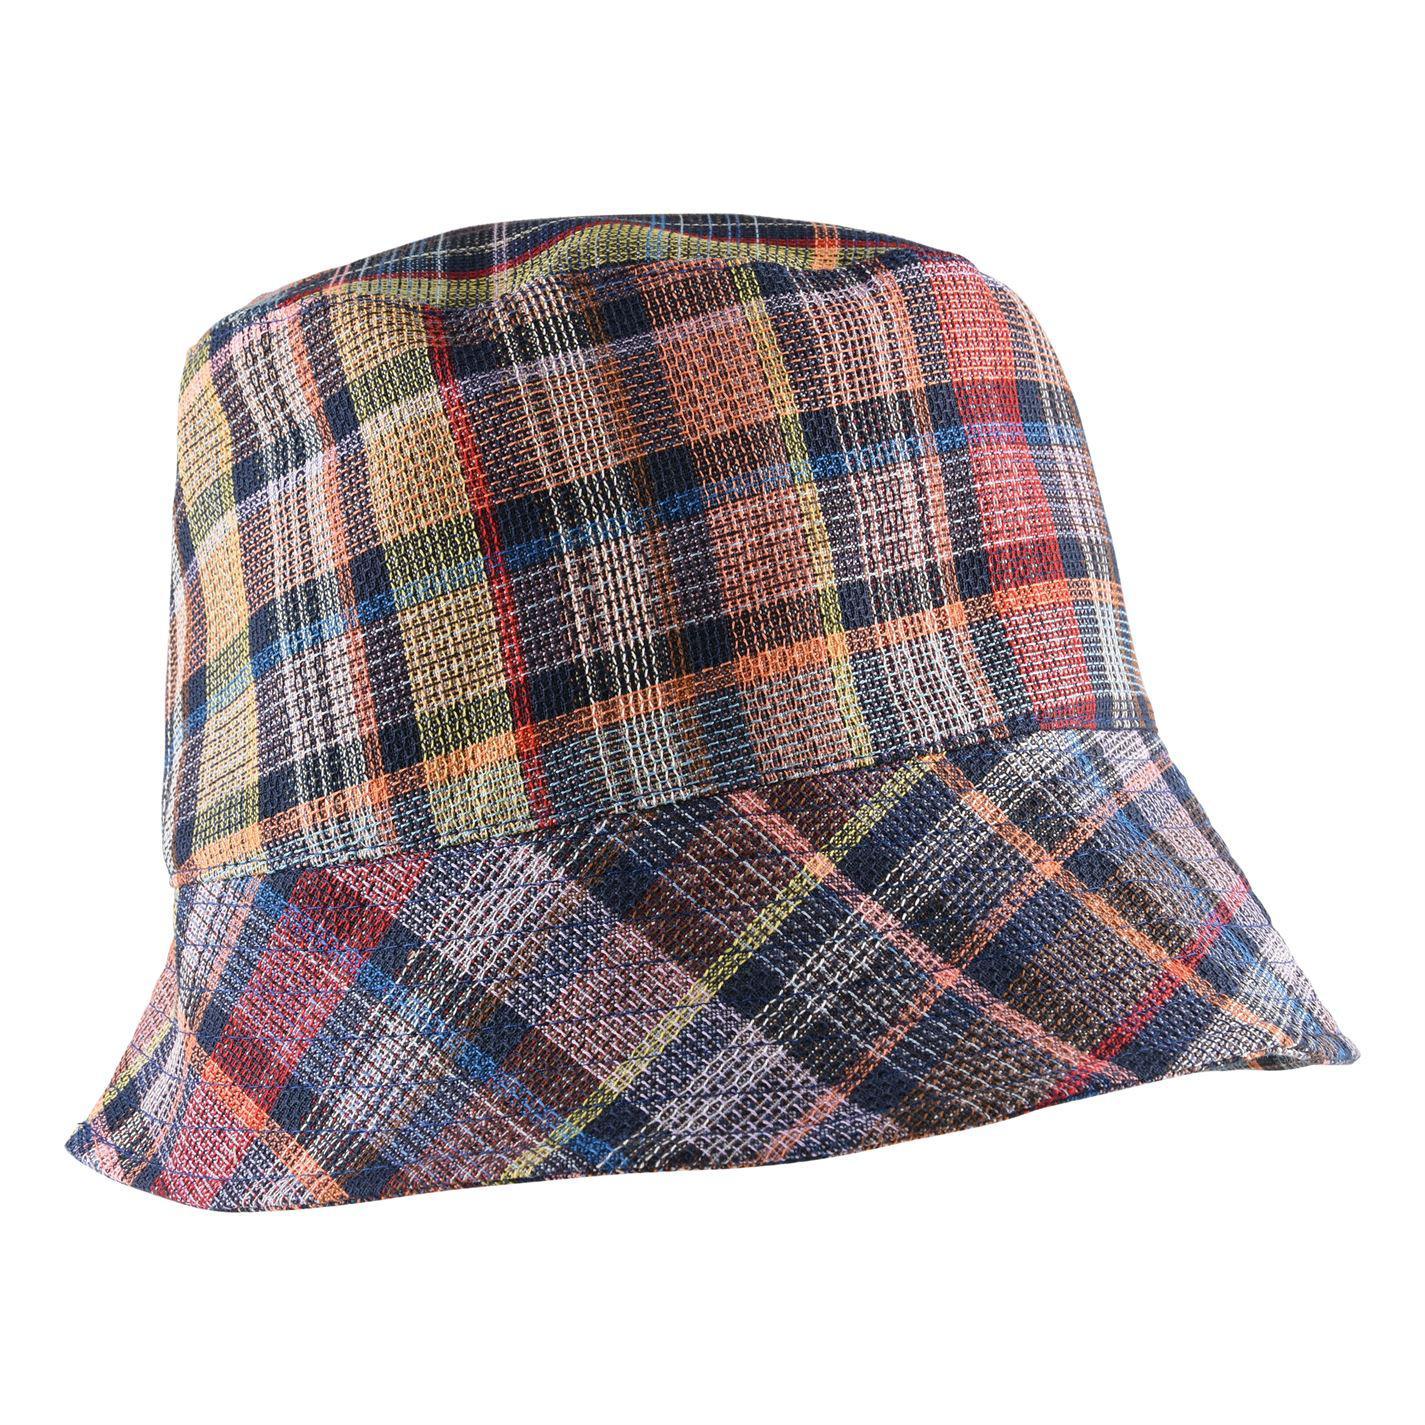 Lyst - Missoni Bucket Hat in Blue d42d20e7a62